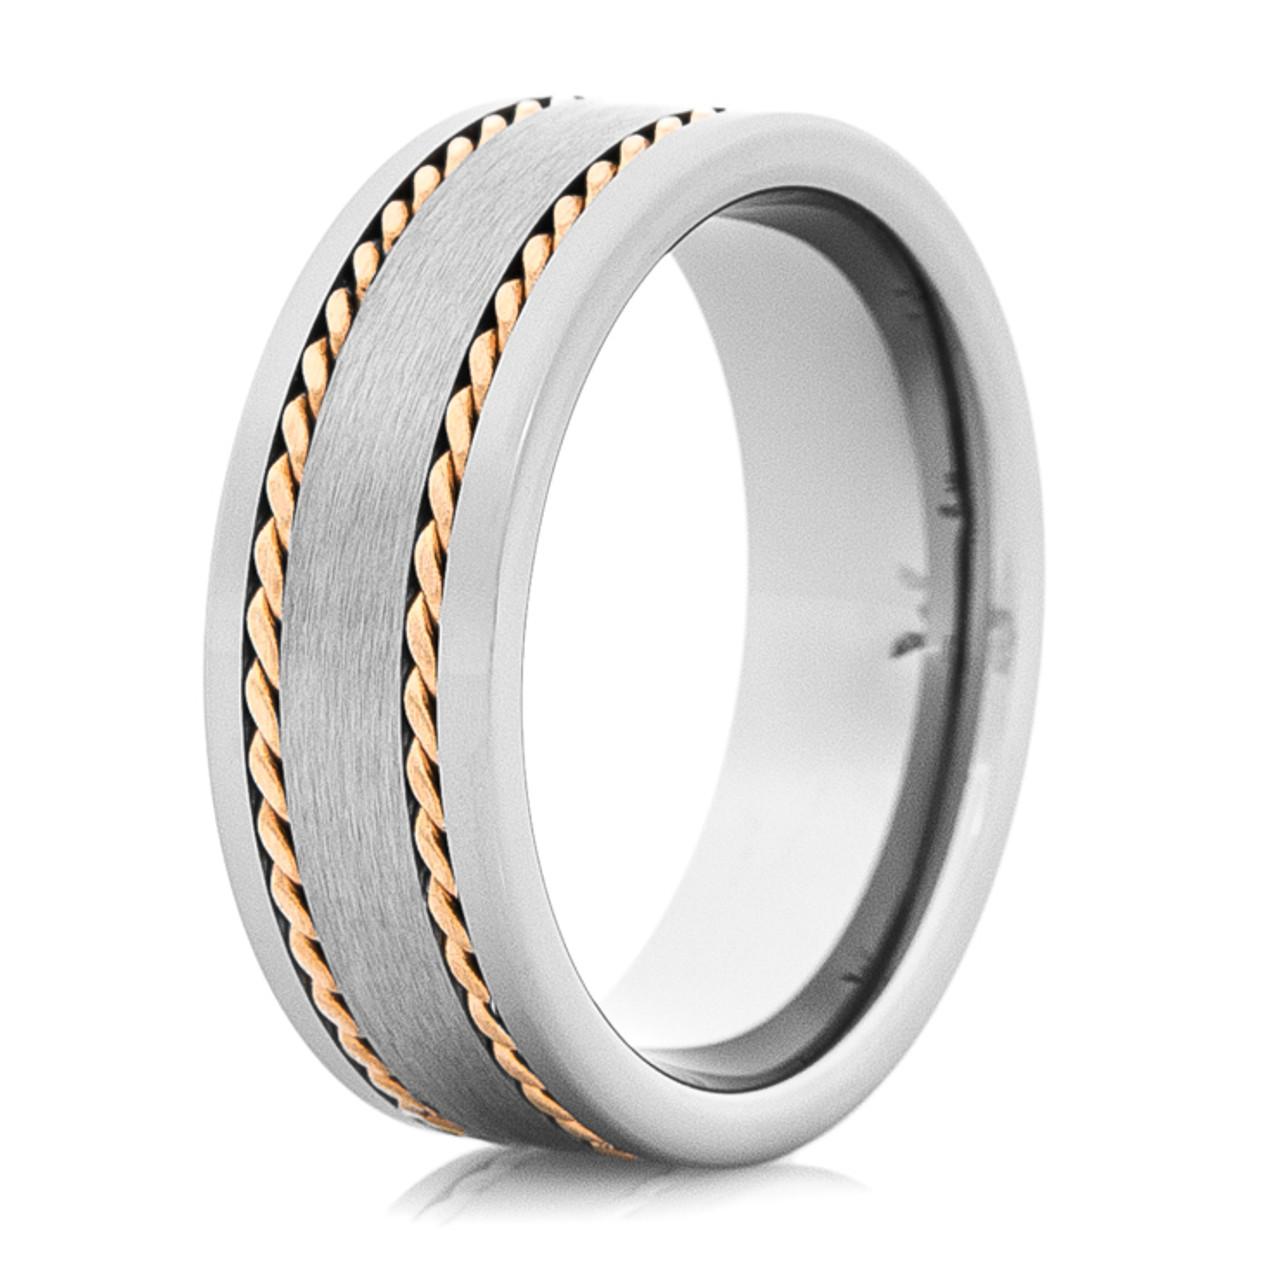 Mens Tungsten Wedding Bands.Men S Tungsten Wedding Band With Dual 14k Rose Gold Braids